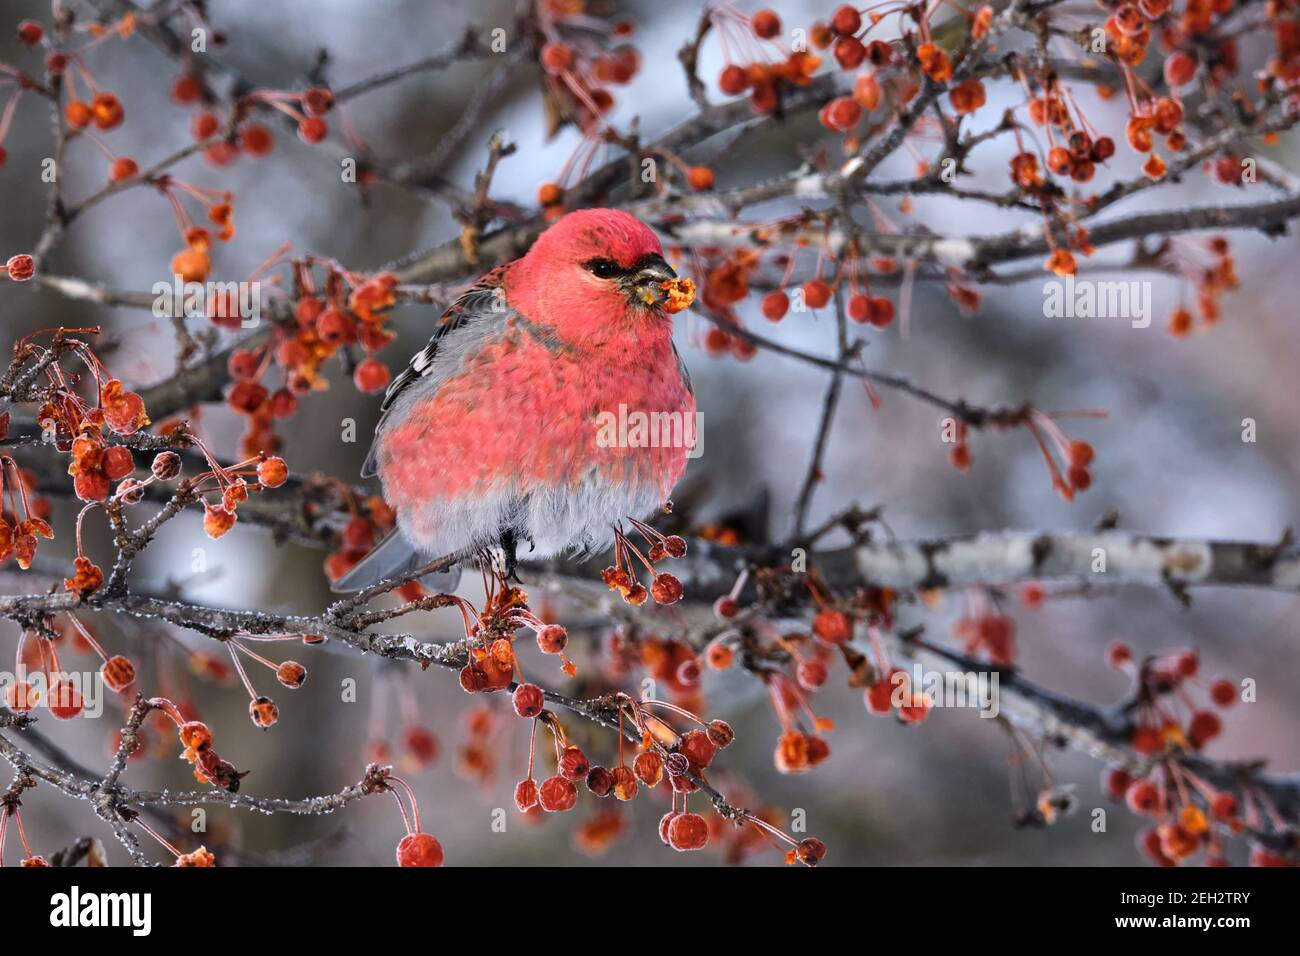 pine-grosbeak-pinicola-enucleator-eating-berries-on-a-winters-day-2EH2TRY.jpg